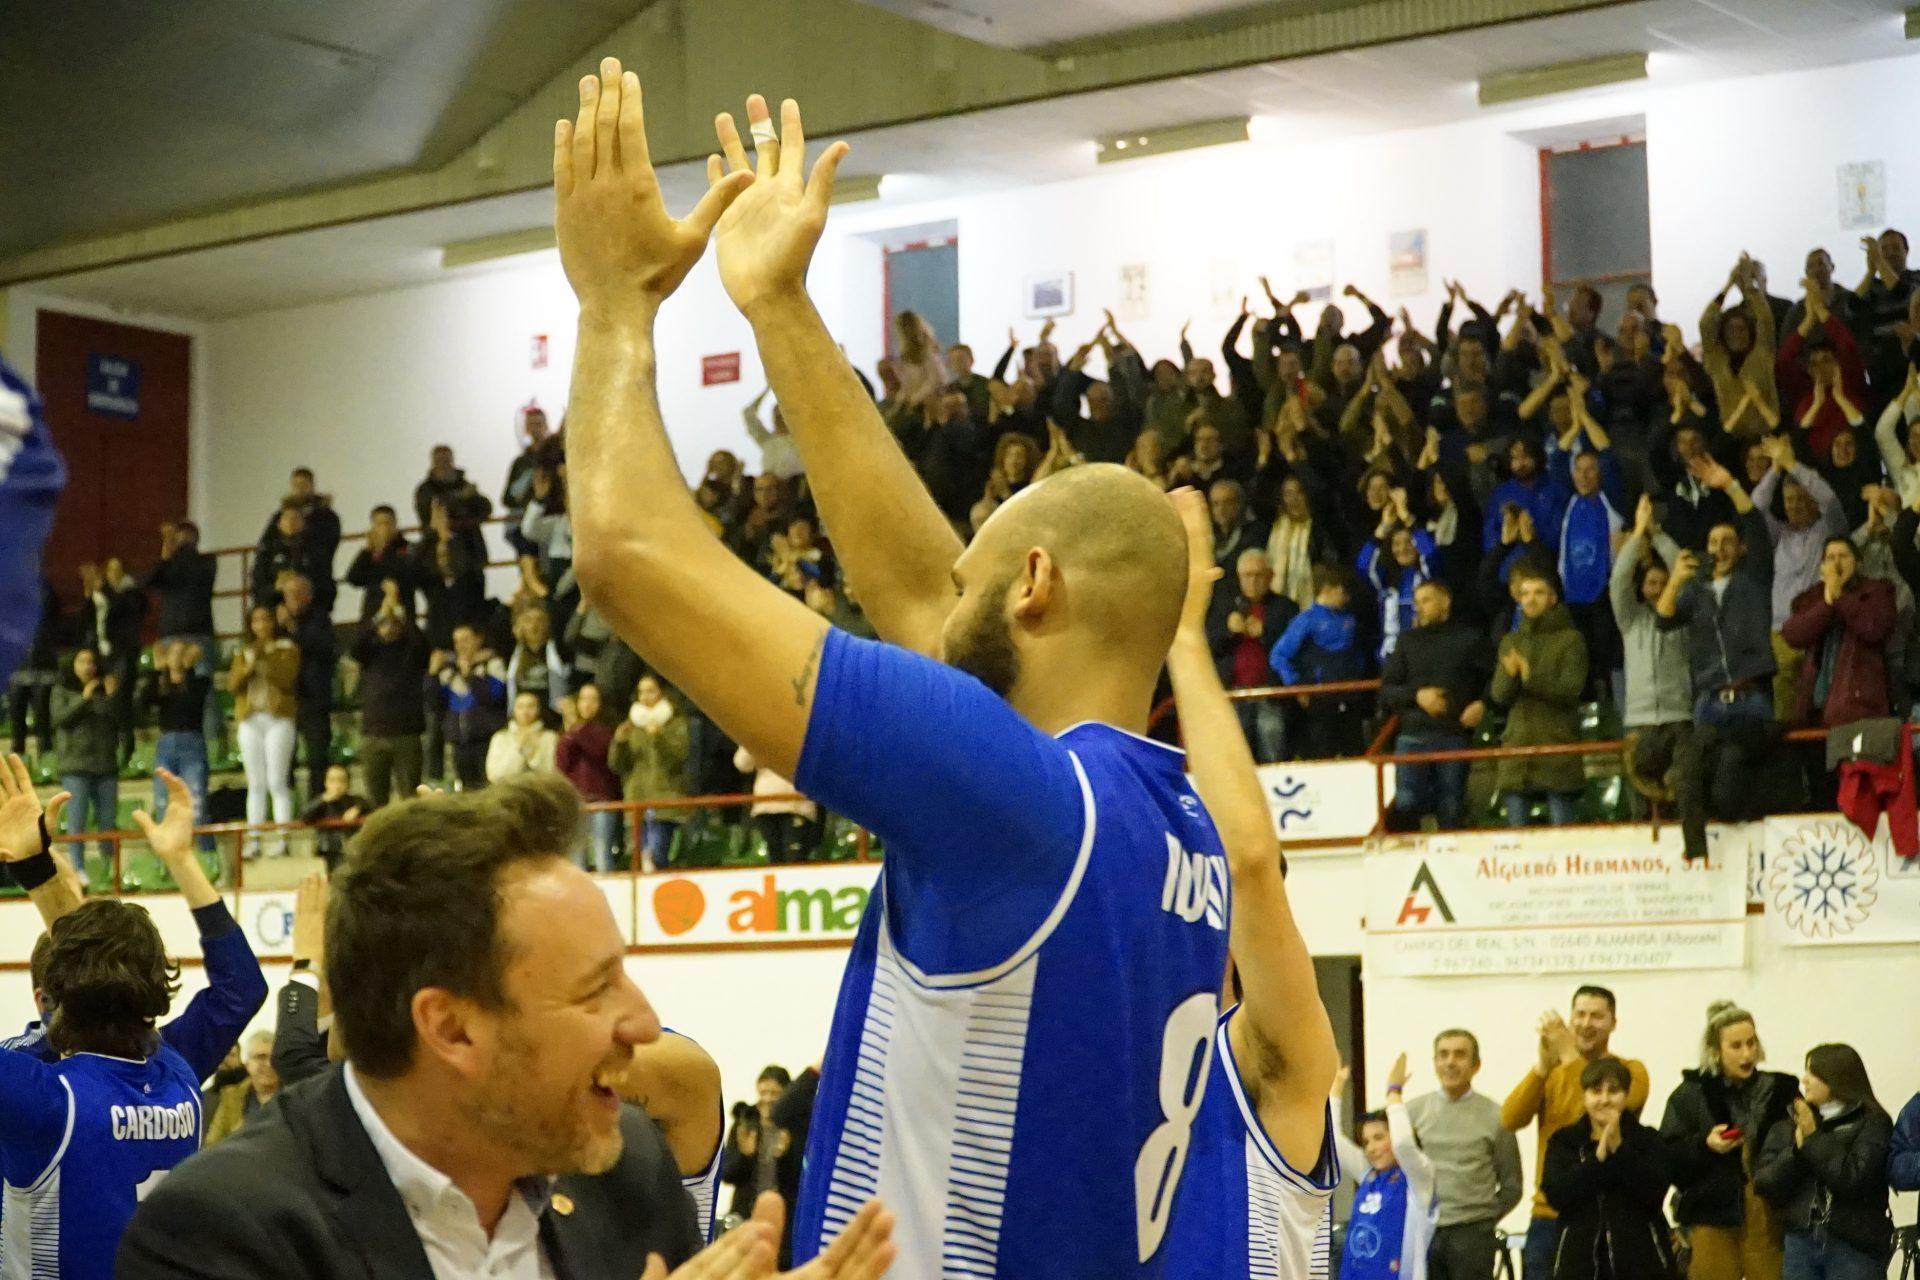 Afanion CB Almansa Força Lleida Kyle Rowley